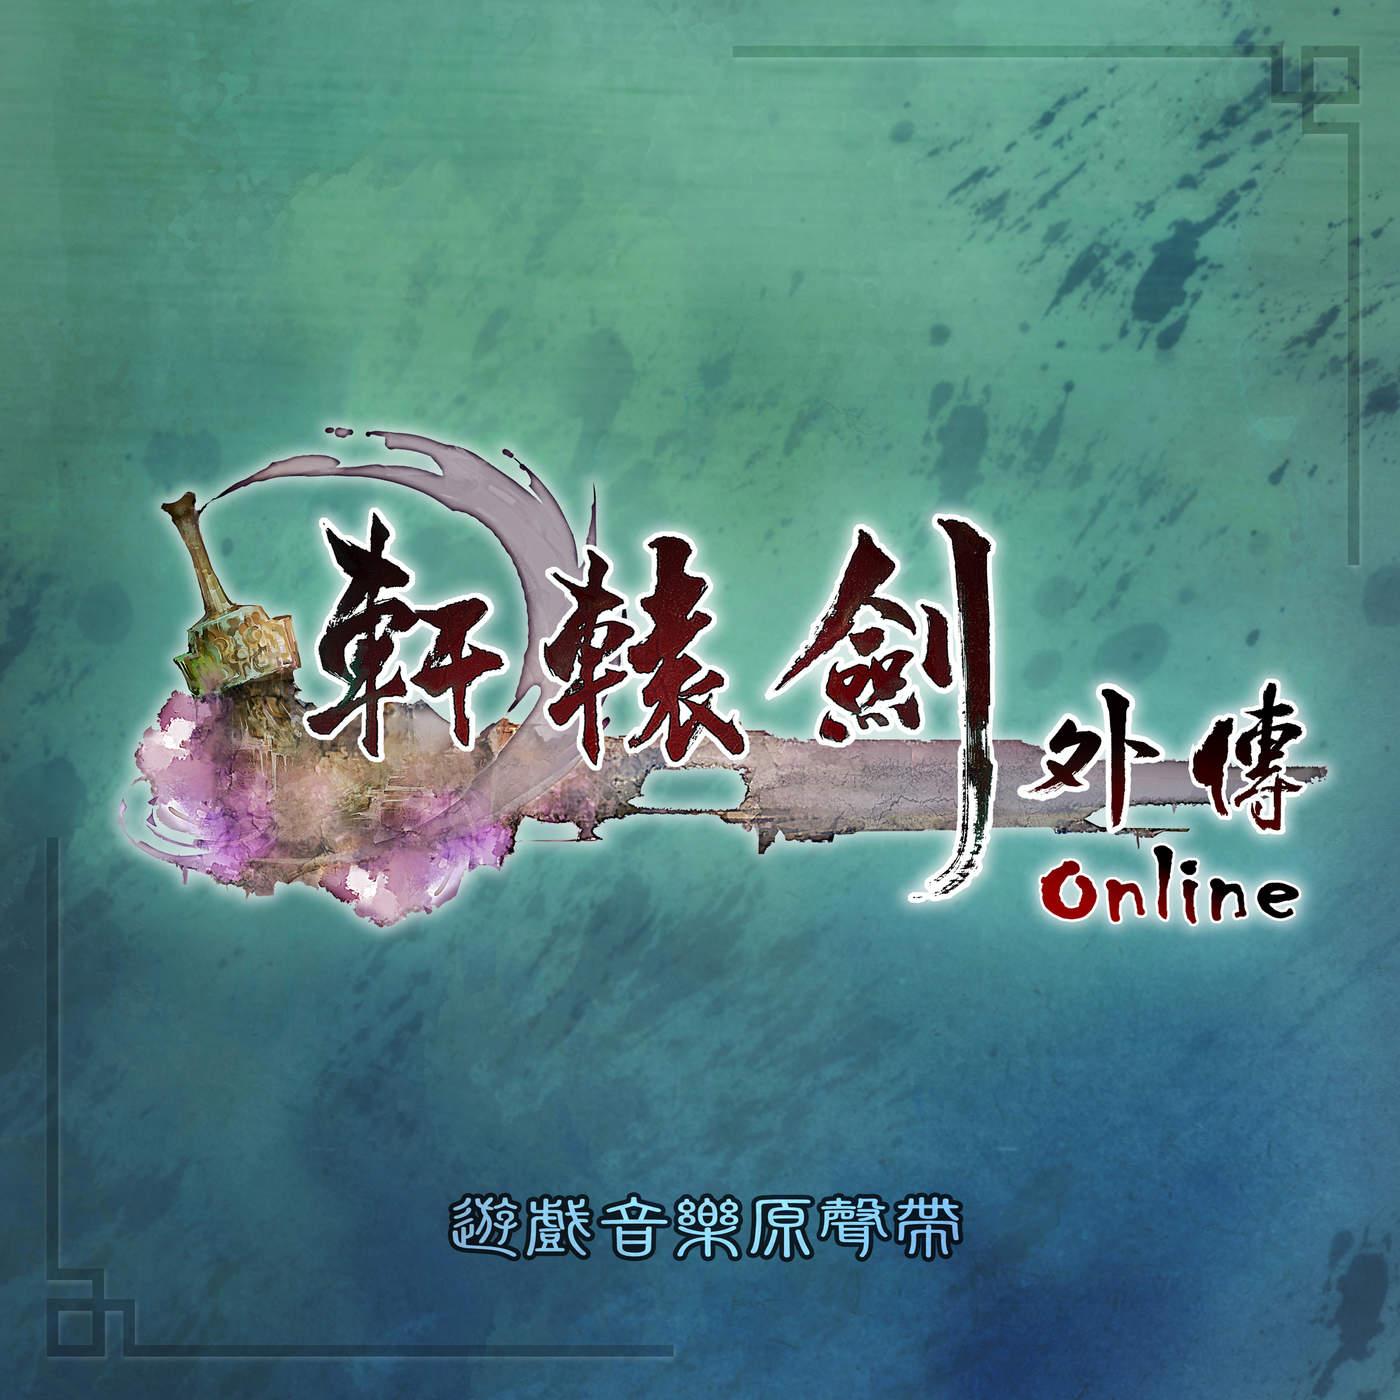 吴欣叡 & 曾志豪 - 轩辕剑外传Online (游戏音乐原声带)